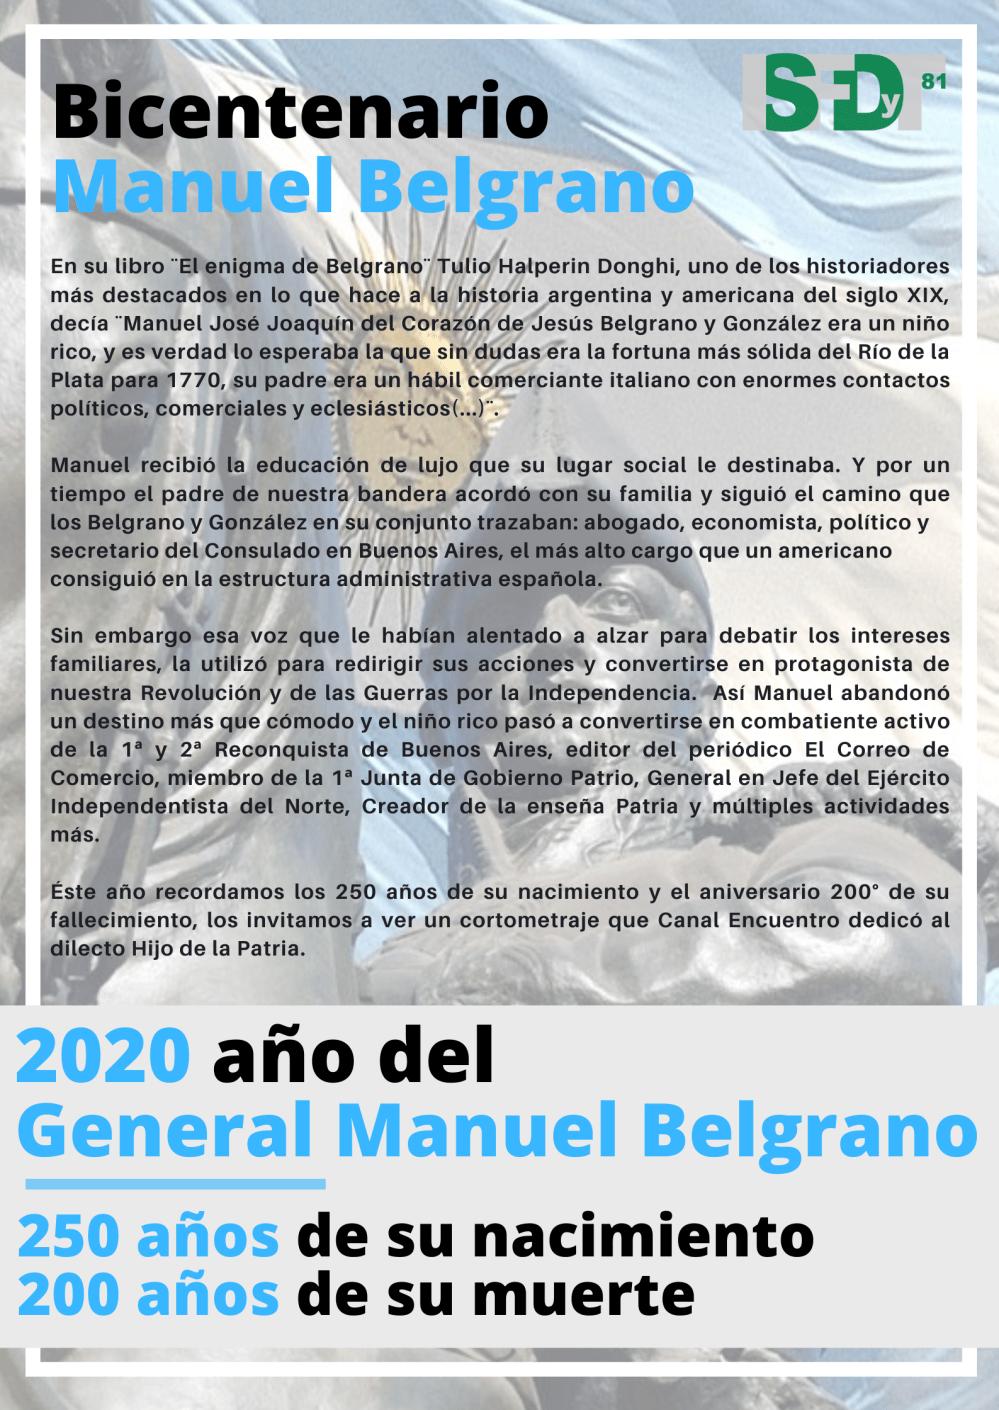 Bicentenario Manuel Belgrano